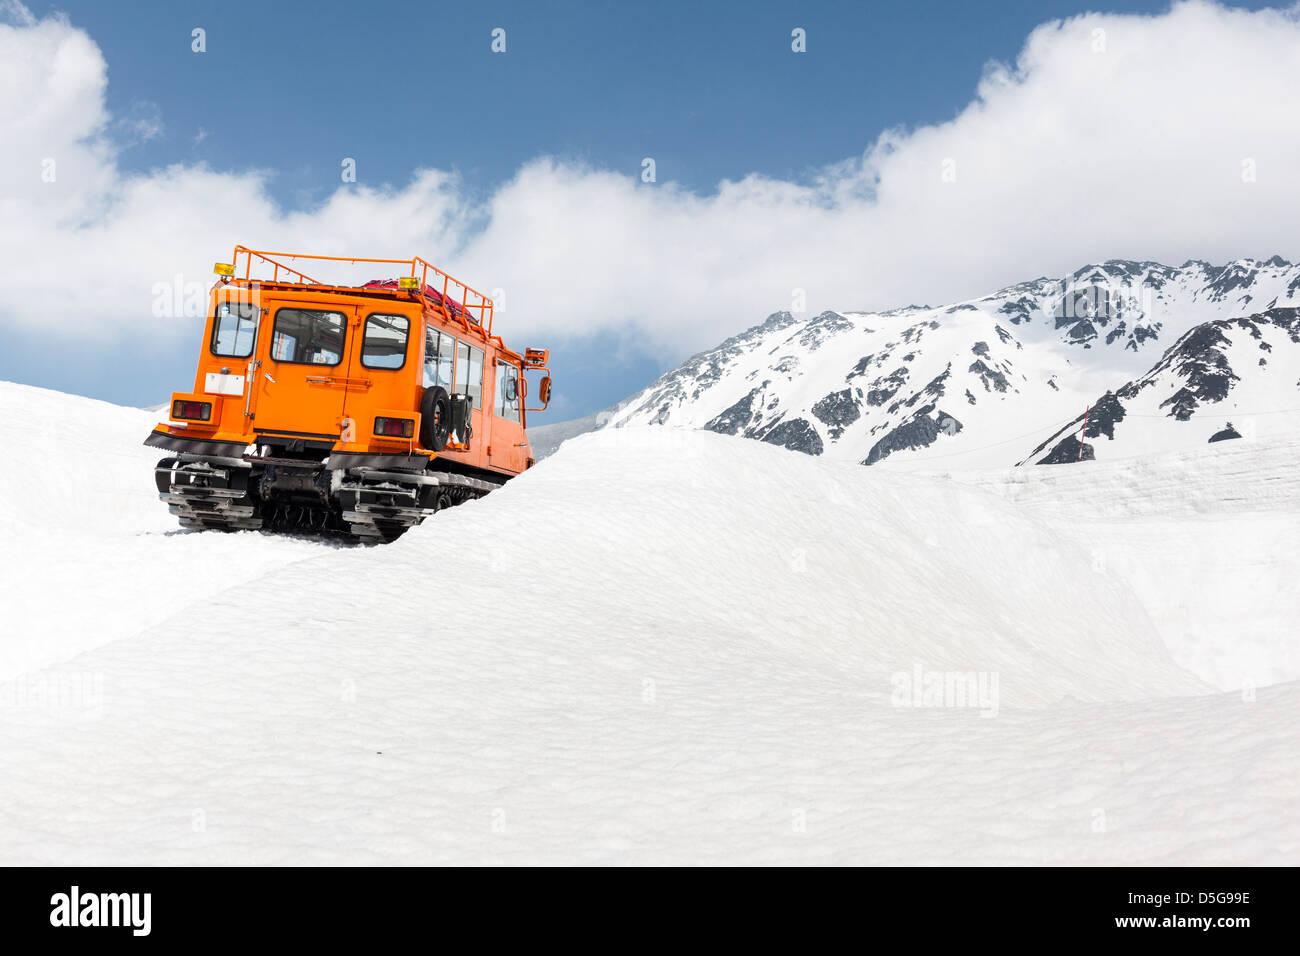 Vista posterior de un vehículo de rescate de montaña con orugas en una montaña cubierta de nieve Imagen De Stock